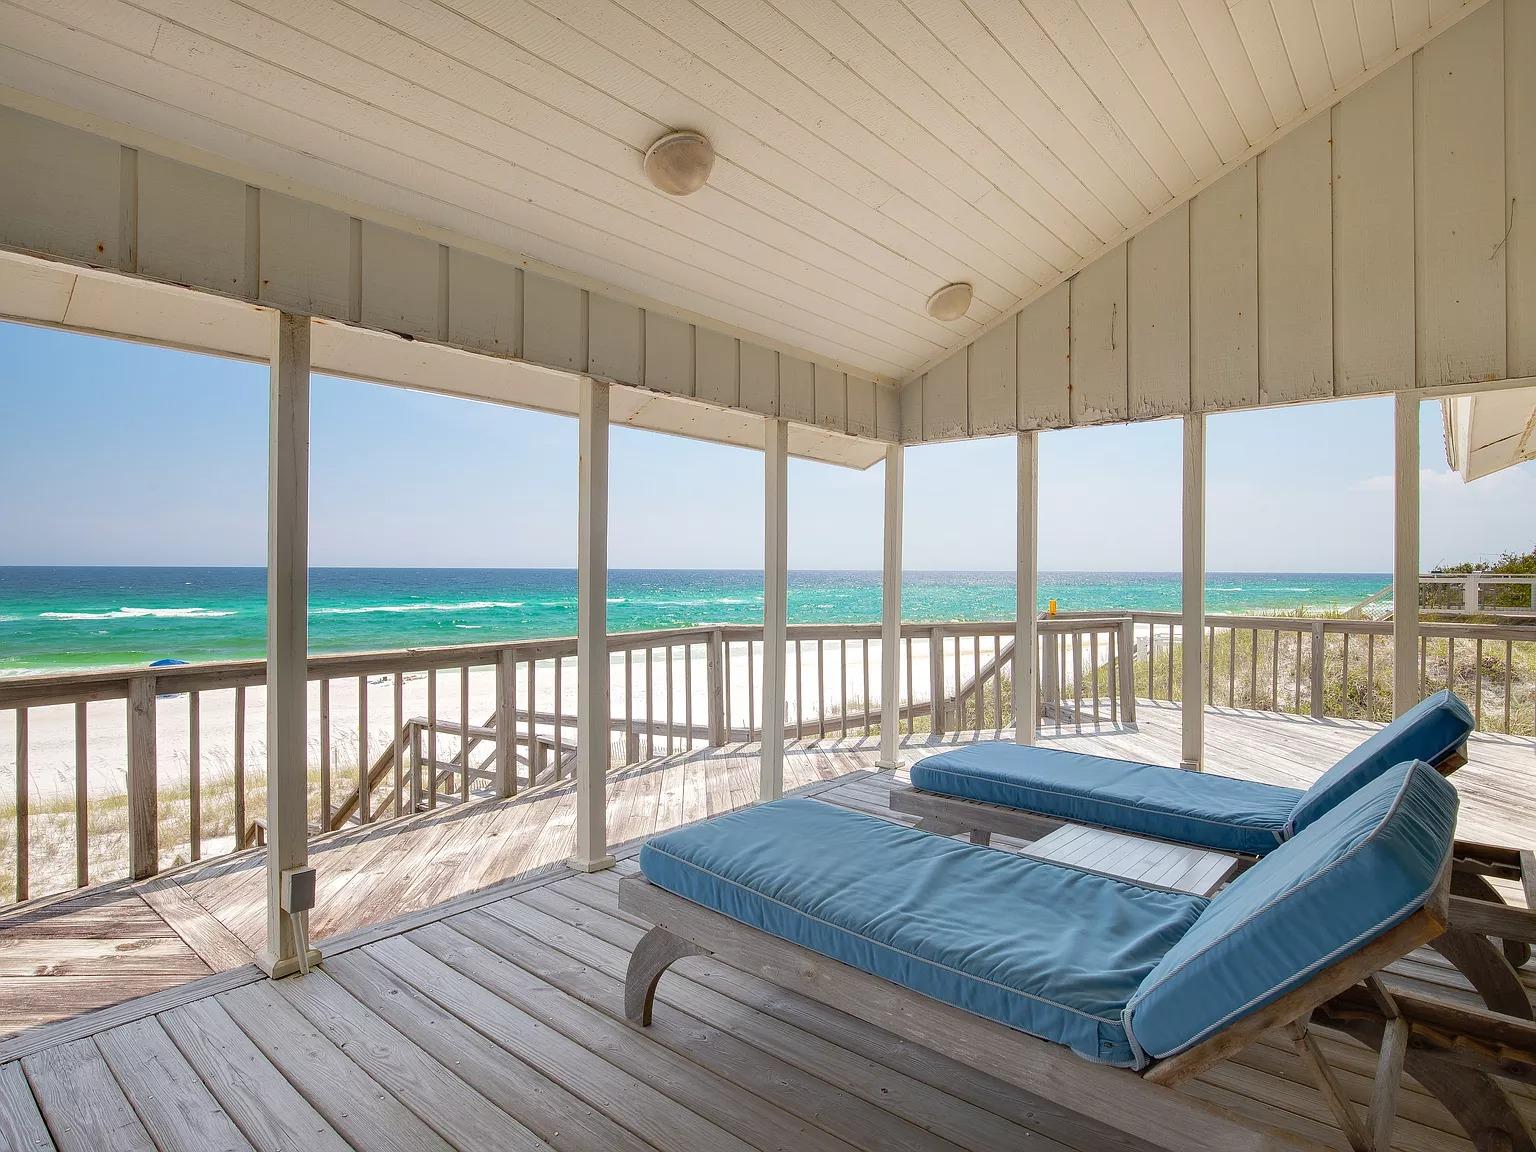 61 Auburn Dr,Santa Rosa Beach, FL 32459